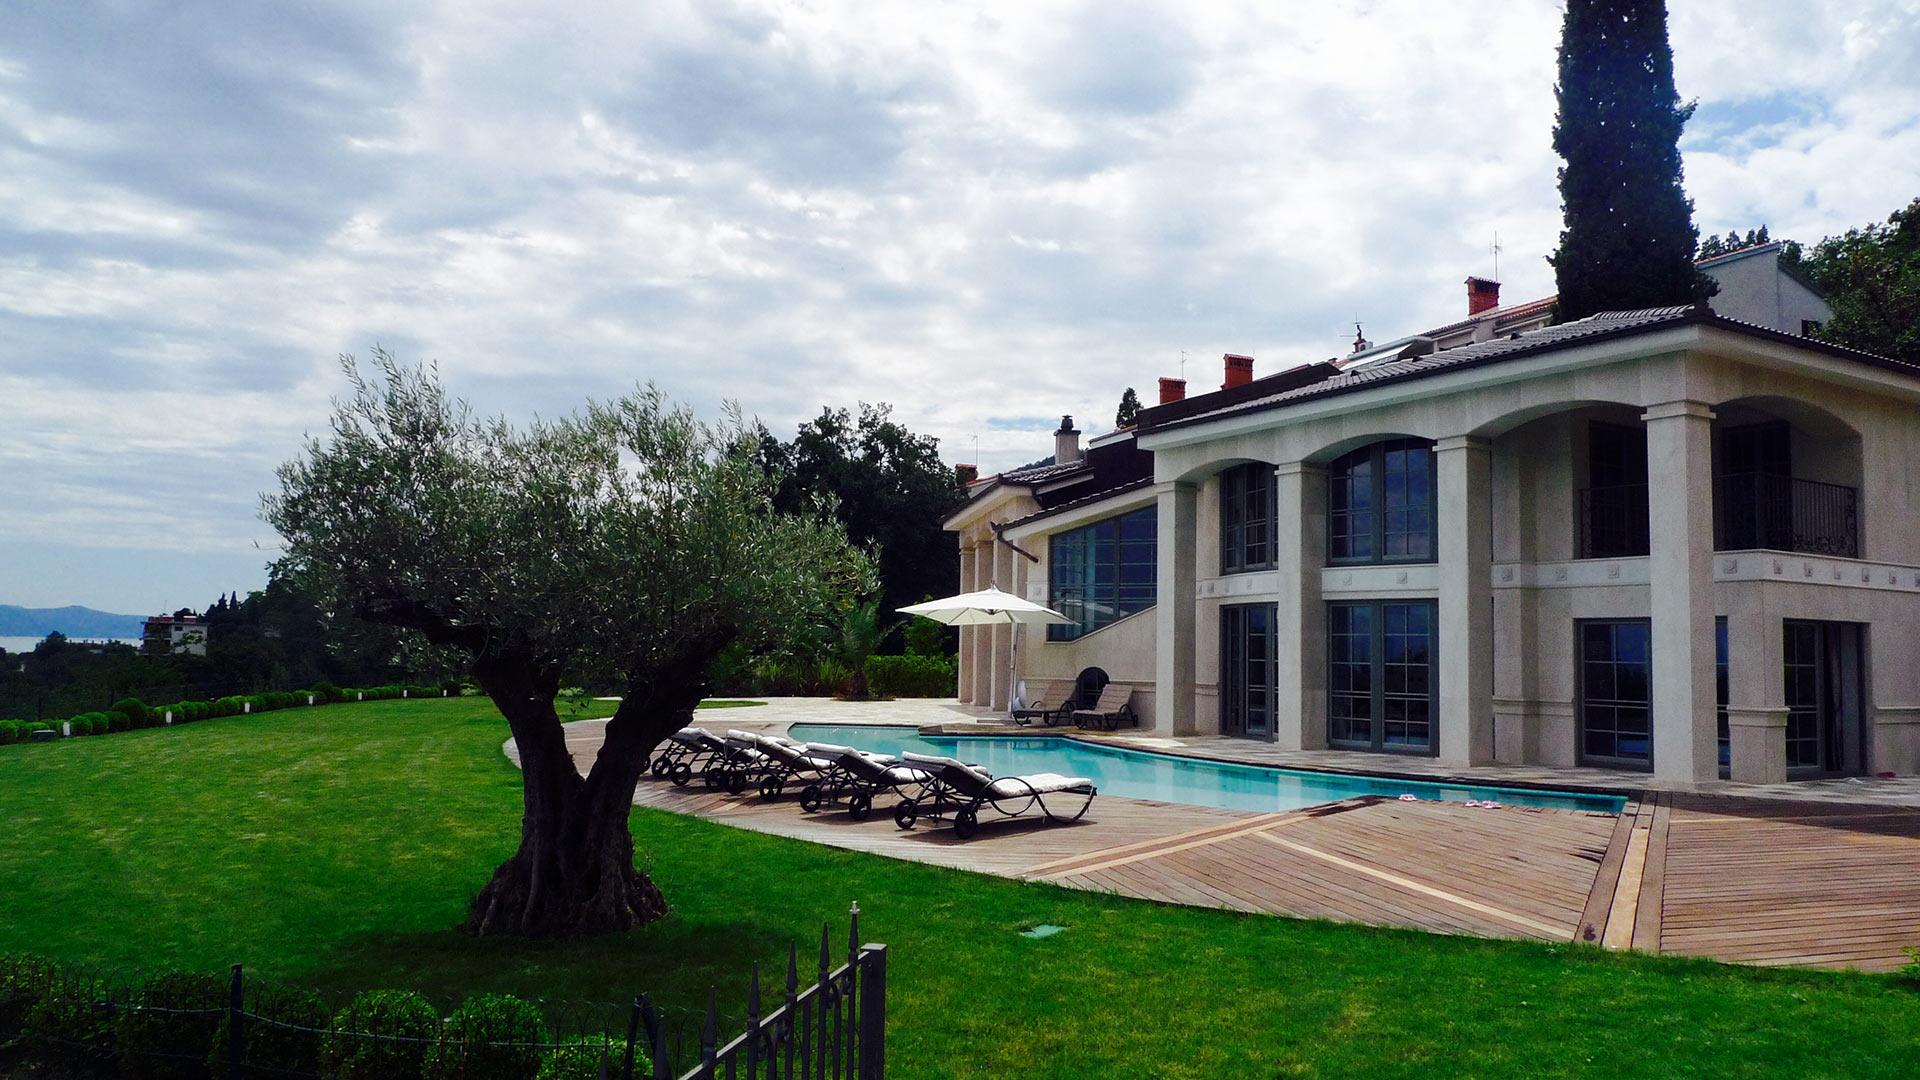 Villa Glam Villa mieten in Istrien Lovran